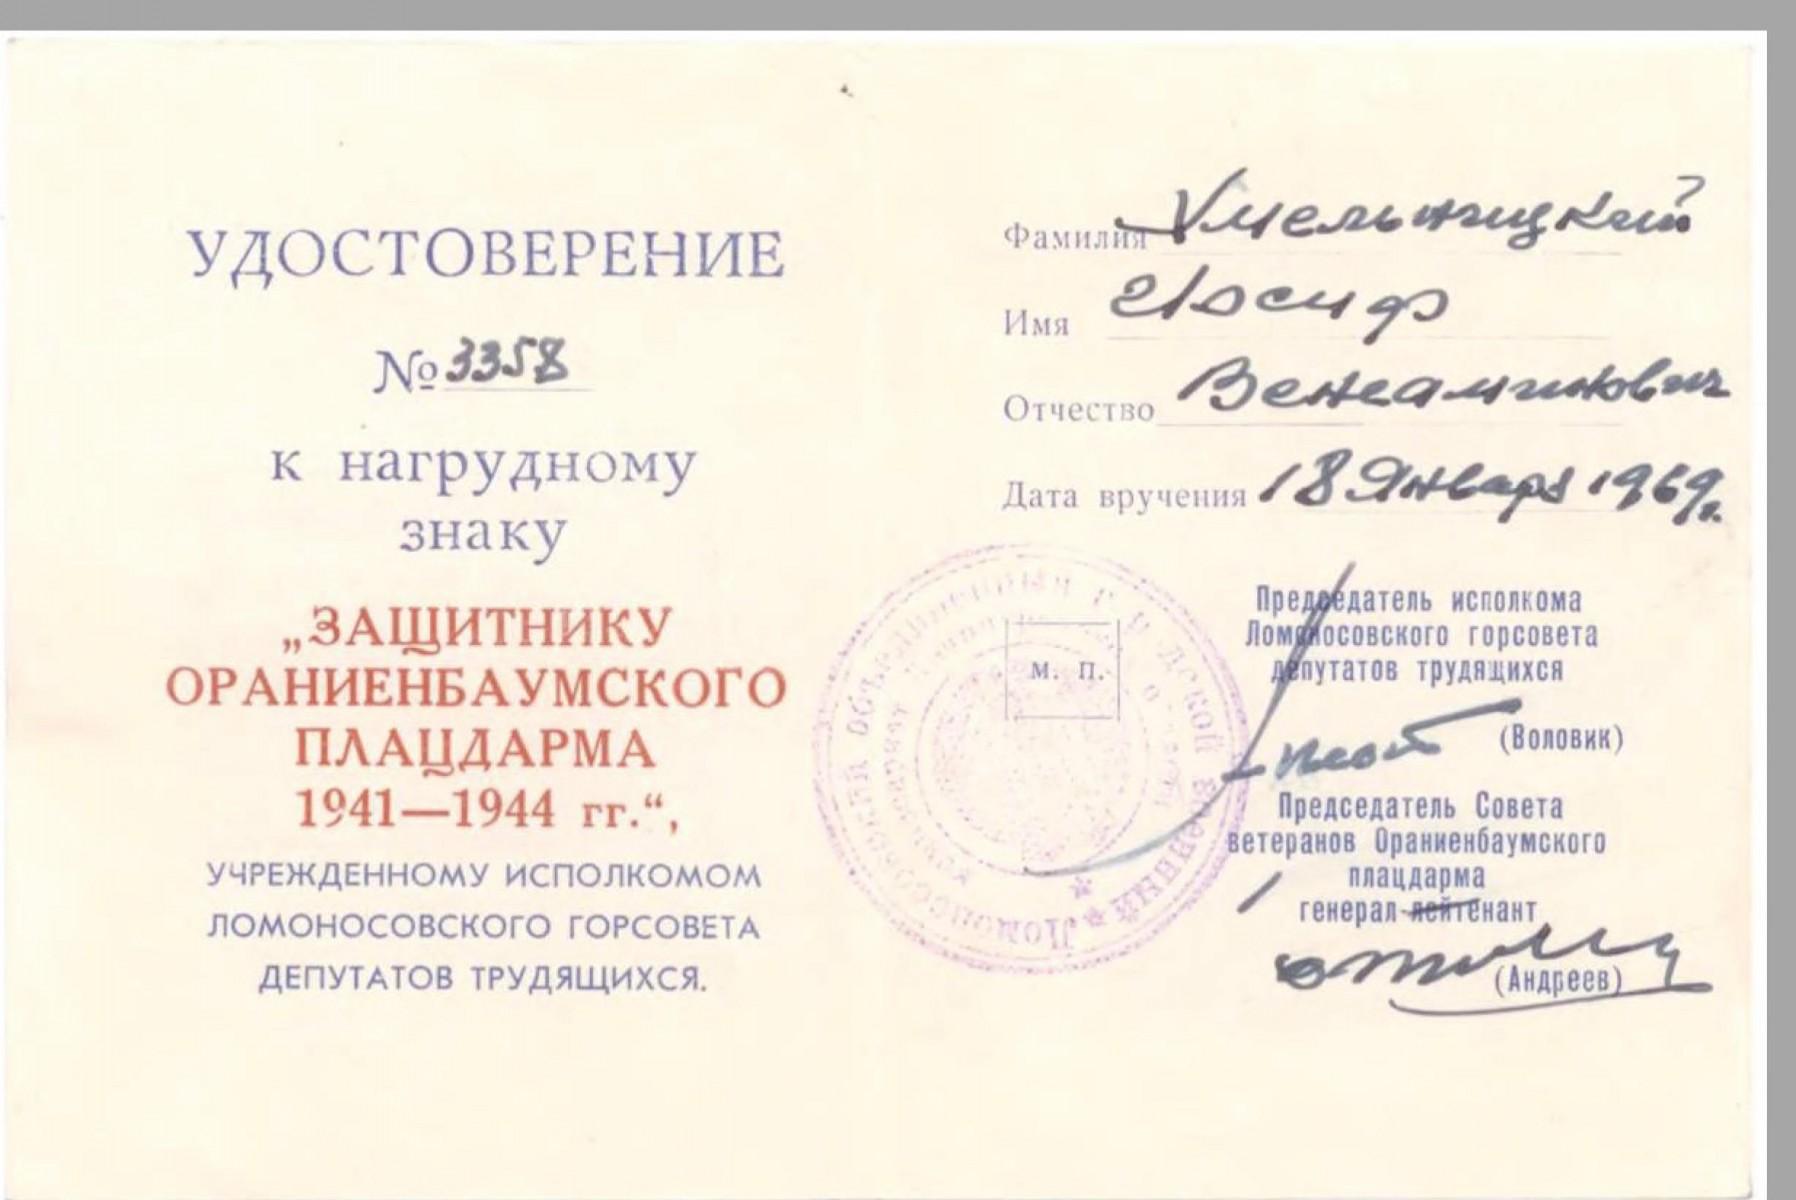 Экспонат #69. Удостоверение к нагрудному знаку «Защитнику Ораниенбаумского плацдарма 1941-1945 гг.». 18 января 1969 год